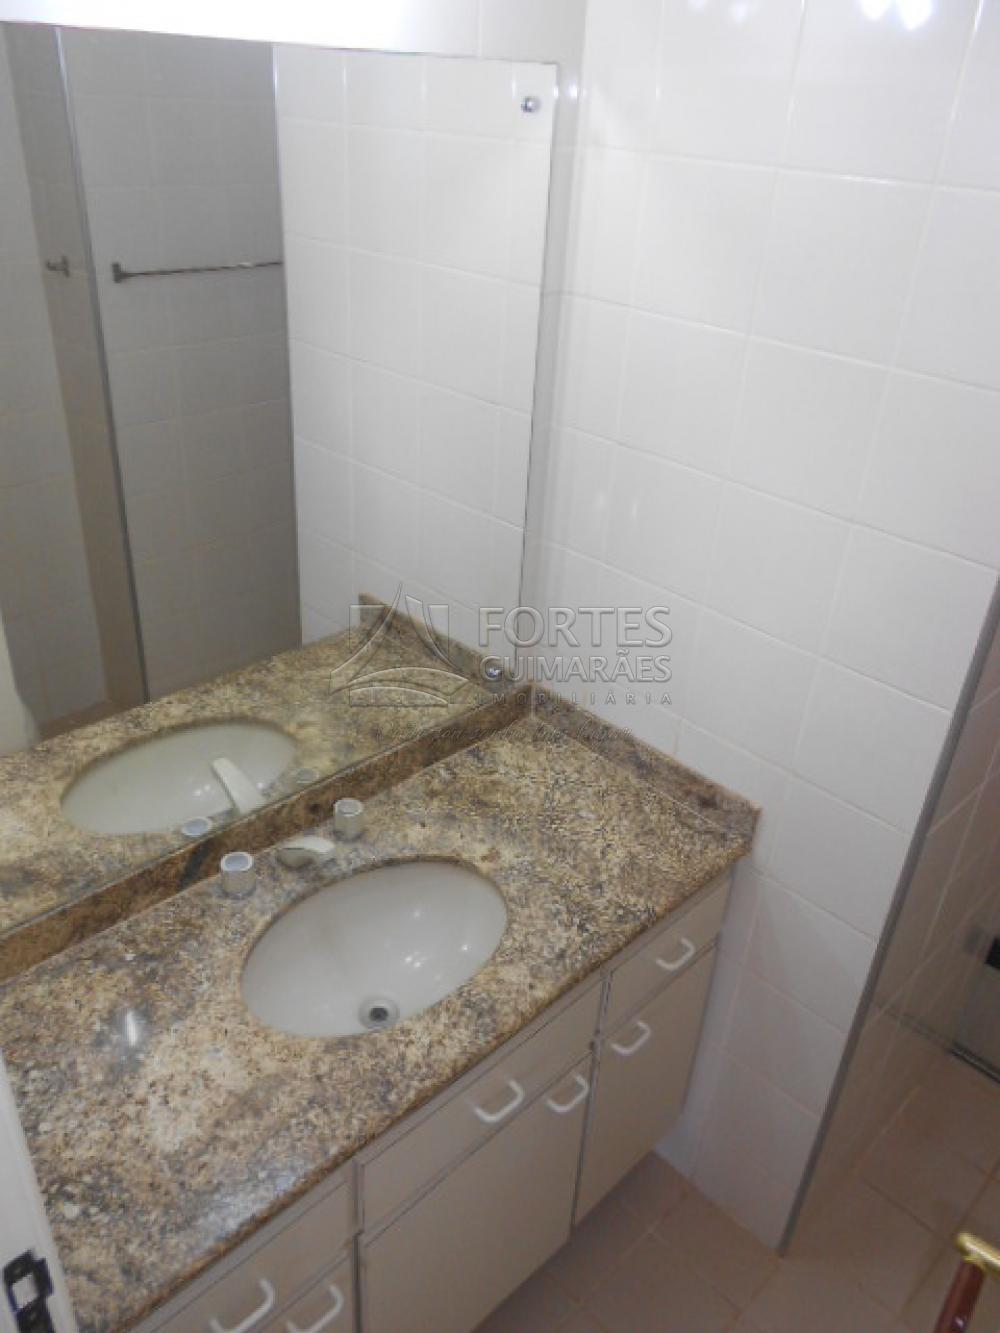 Alugar Apartamentos / Padrão em Ribeirão Preto apenas R$ 1.000,00 - Foto 30